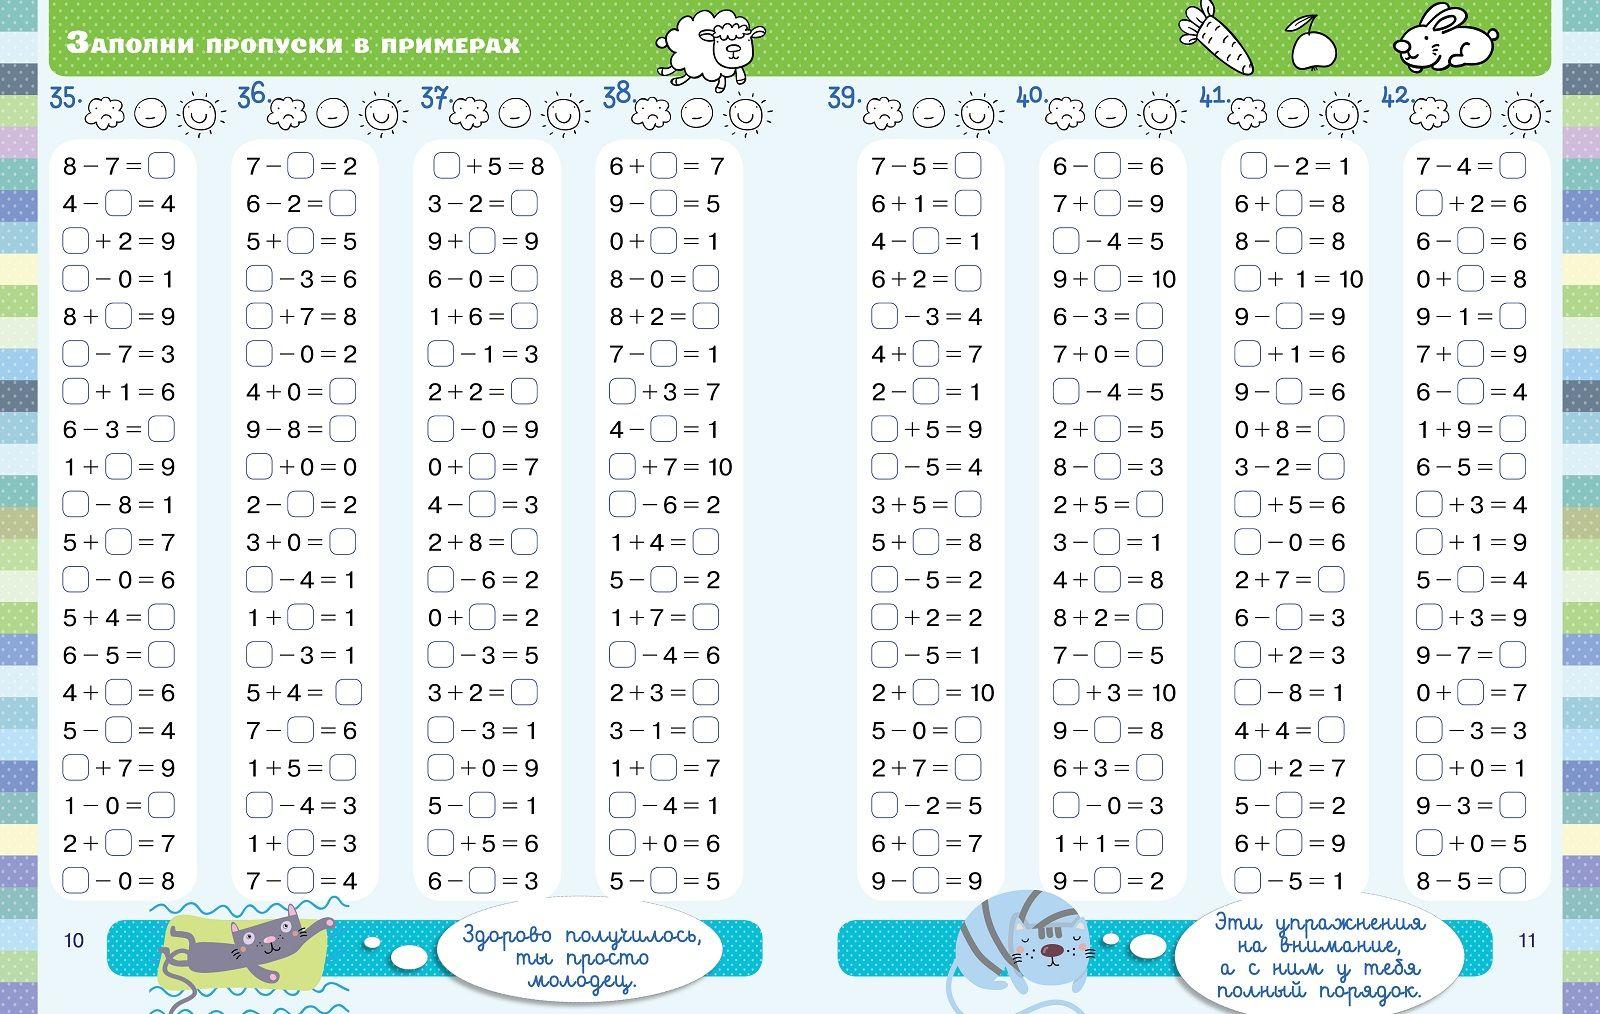 Русский язык 5 класс панов кузьмина ильина ильинская решебник с заданиями 2 часть онлайн